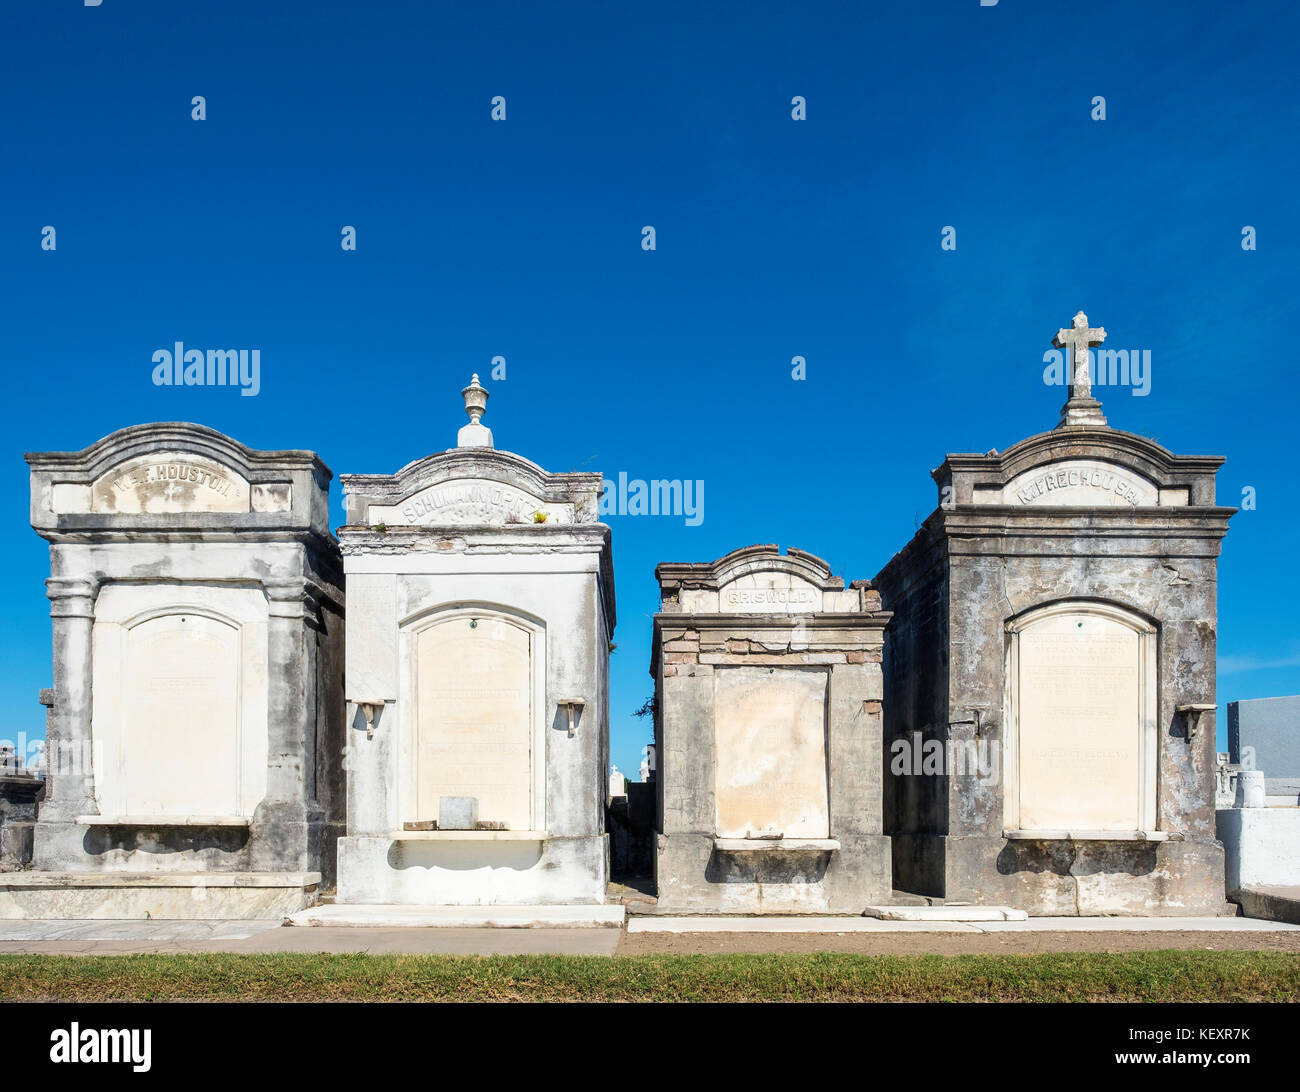 Usa, Louisiana, New Orleans. historischen oberirdischen Gräber in Greenwood Cemetery. Stockbild